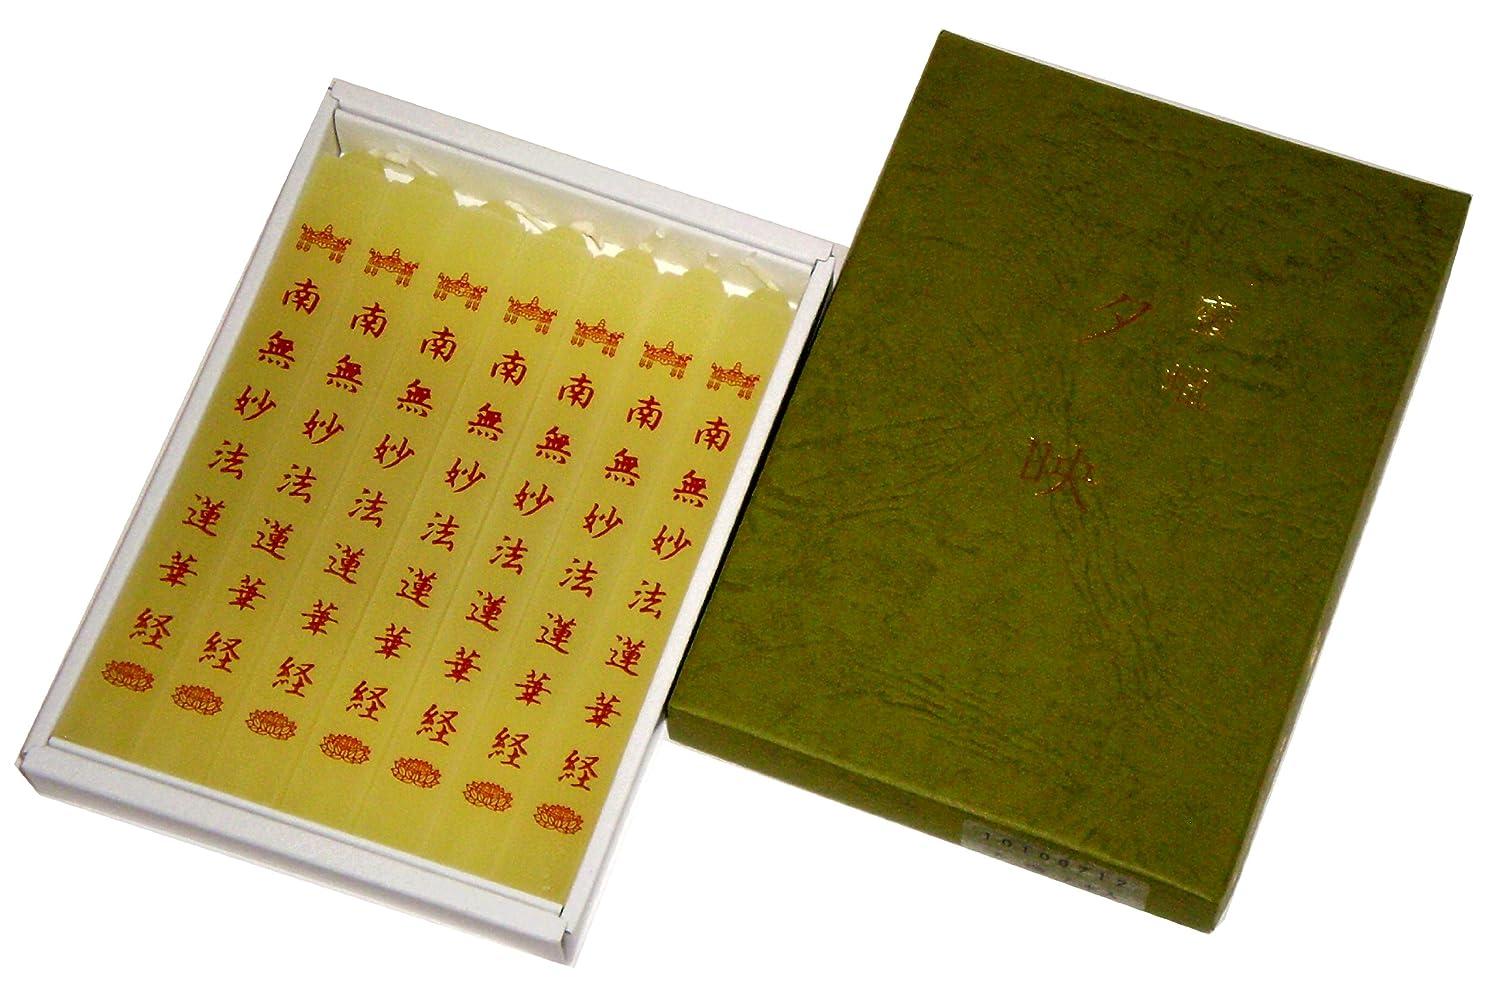 脱獄メタン不可能な鳥居のローソク 蜜蝋夕映 法蓮 7本入 紙箱 #100712